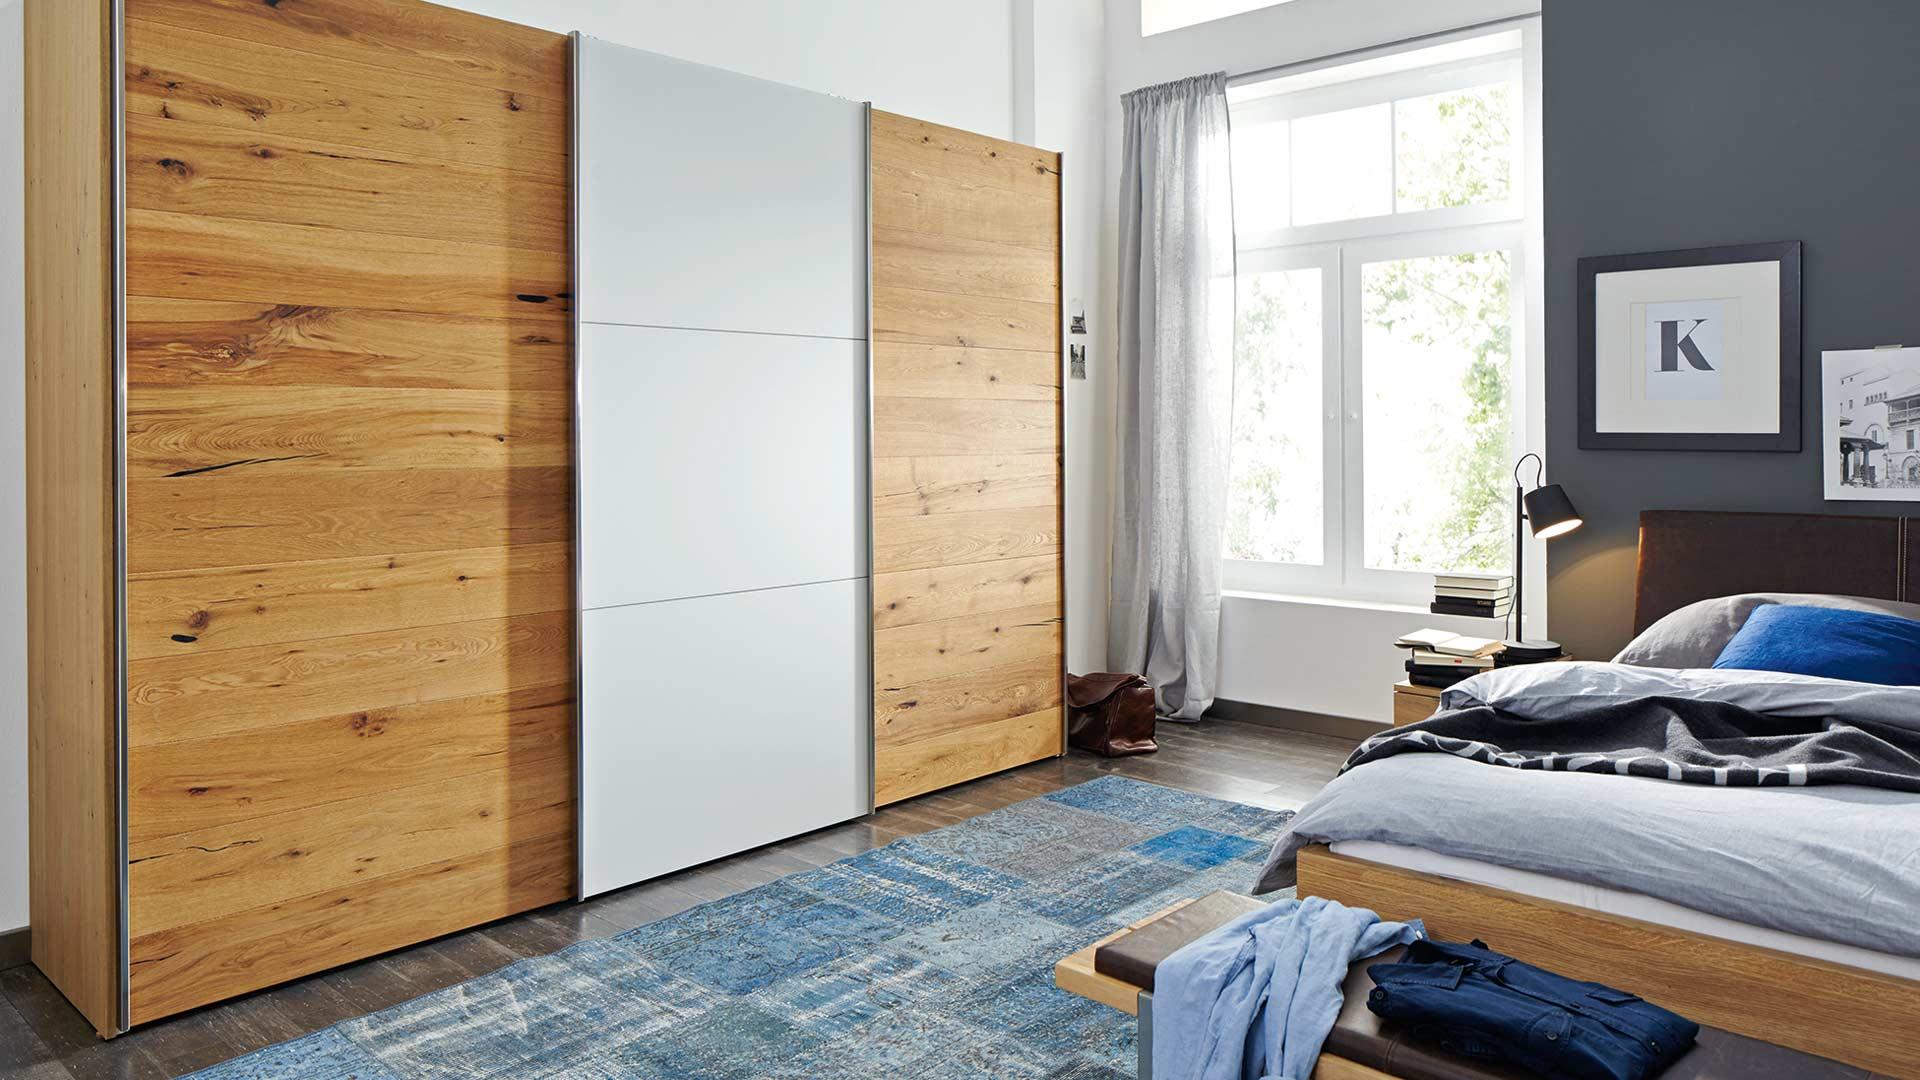 Schlafzimmer Betten Schränke von Natura Einrichten in Garbsen nahe ...